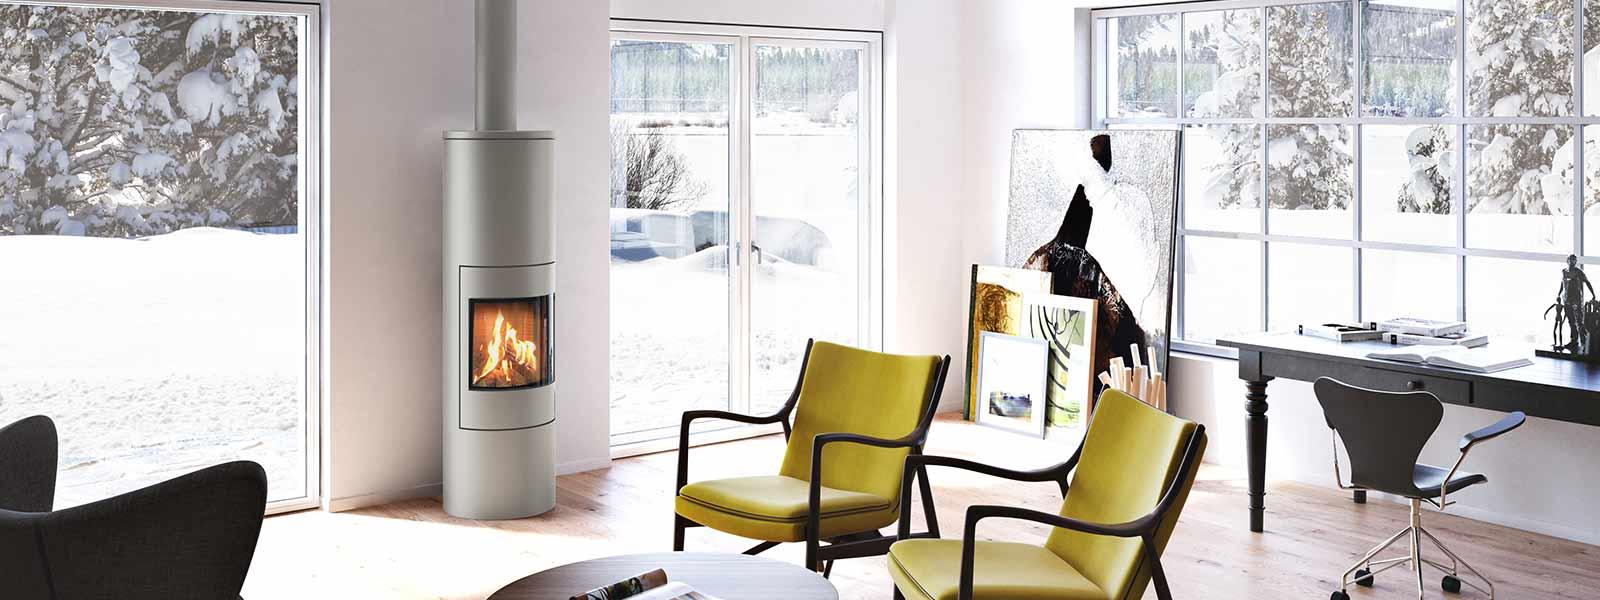 gas kaminofen viva l gas von attika designen sie ihren gas kaminofen. Black Bedroom Furniture Sets. Home Design Ideas